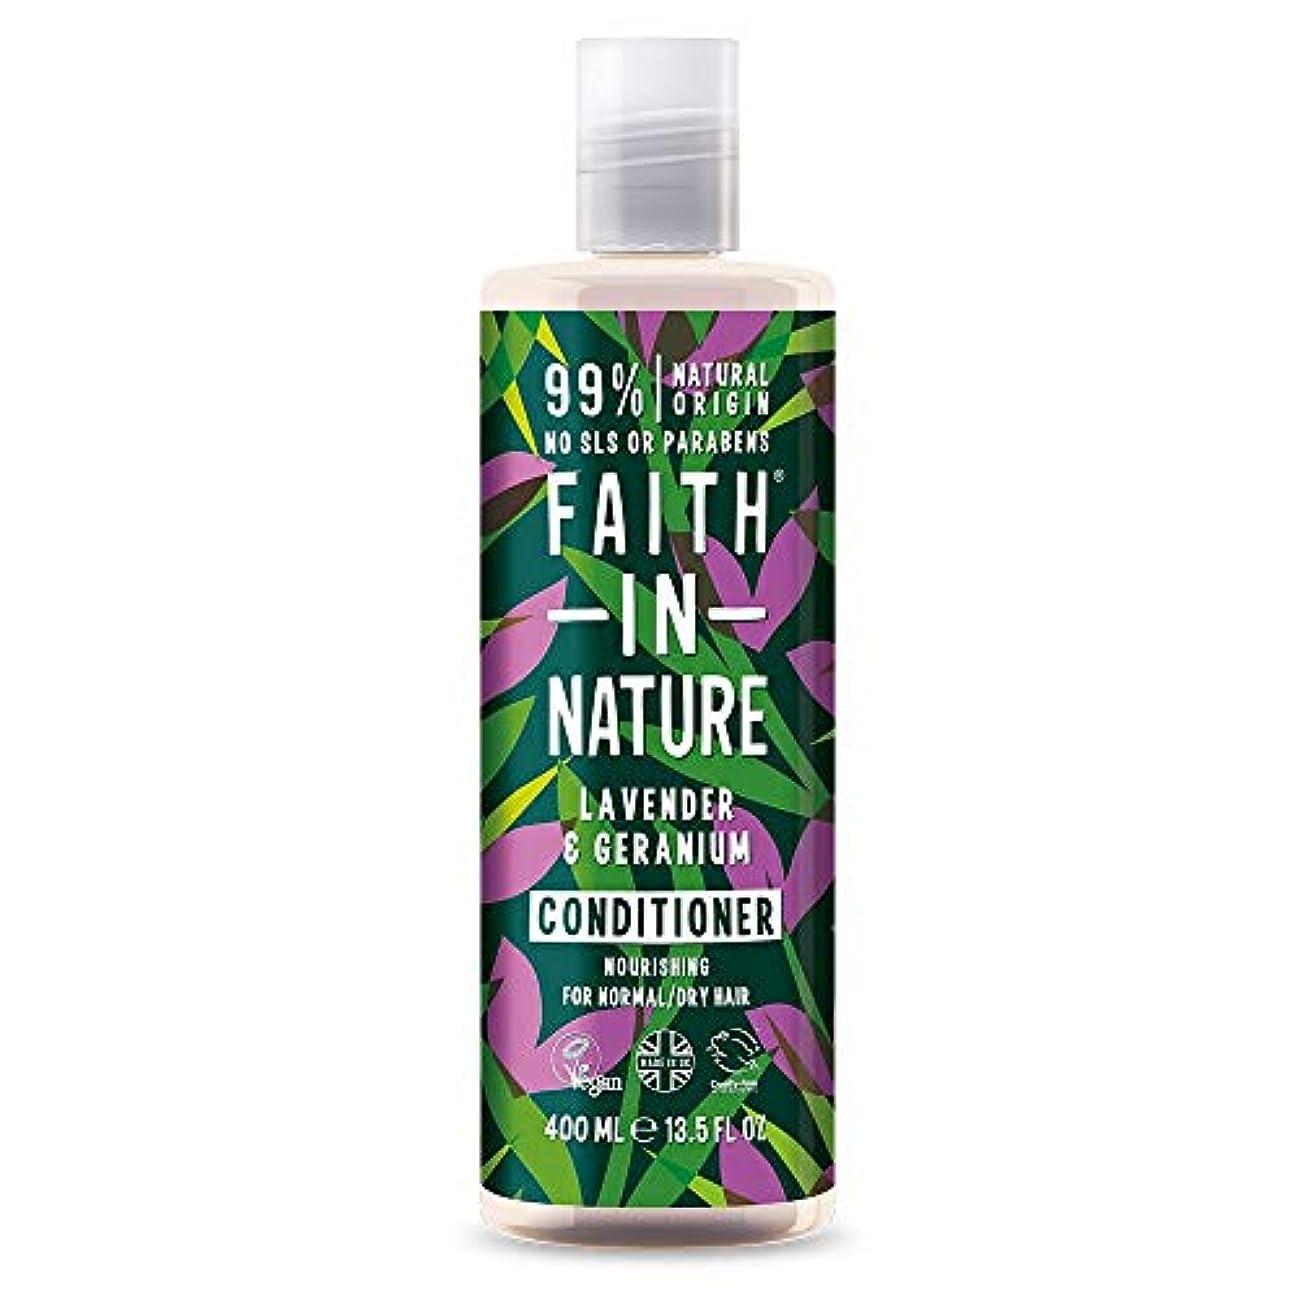 シロクマ奇跡的な受け皿Faith In Nature Lavender & Geranium Conditioner Normal To Dry Hair 400ml